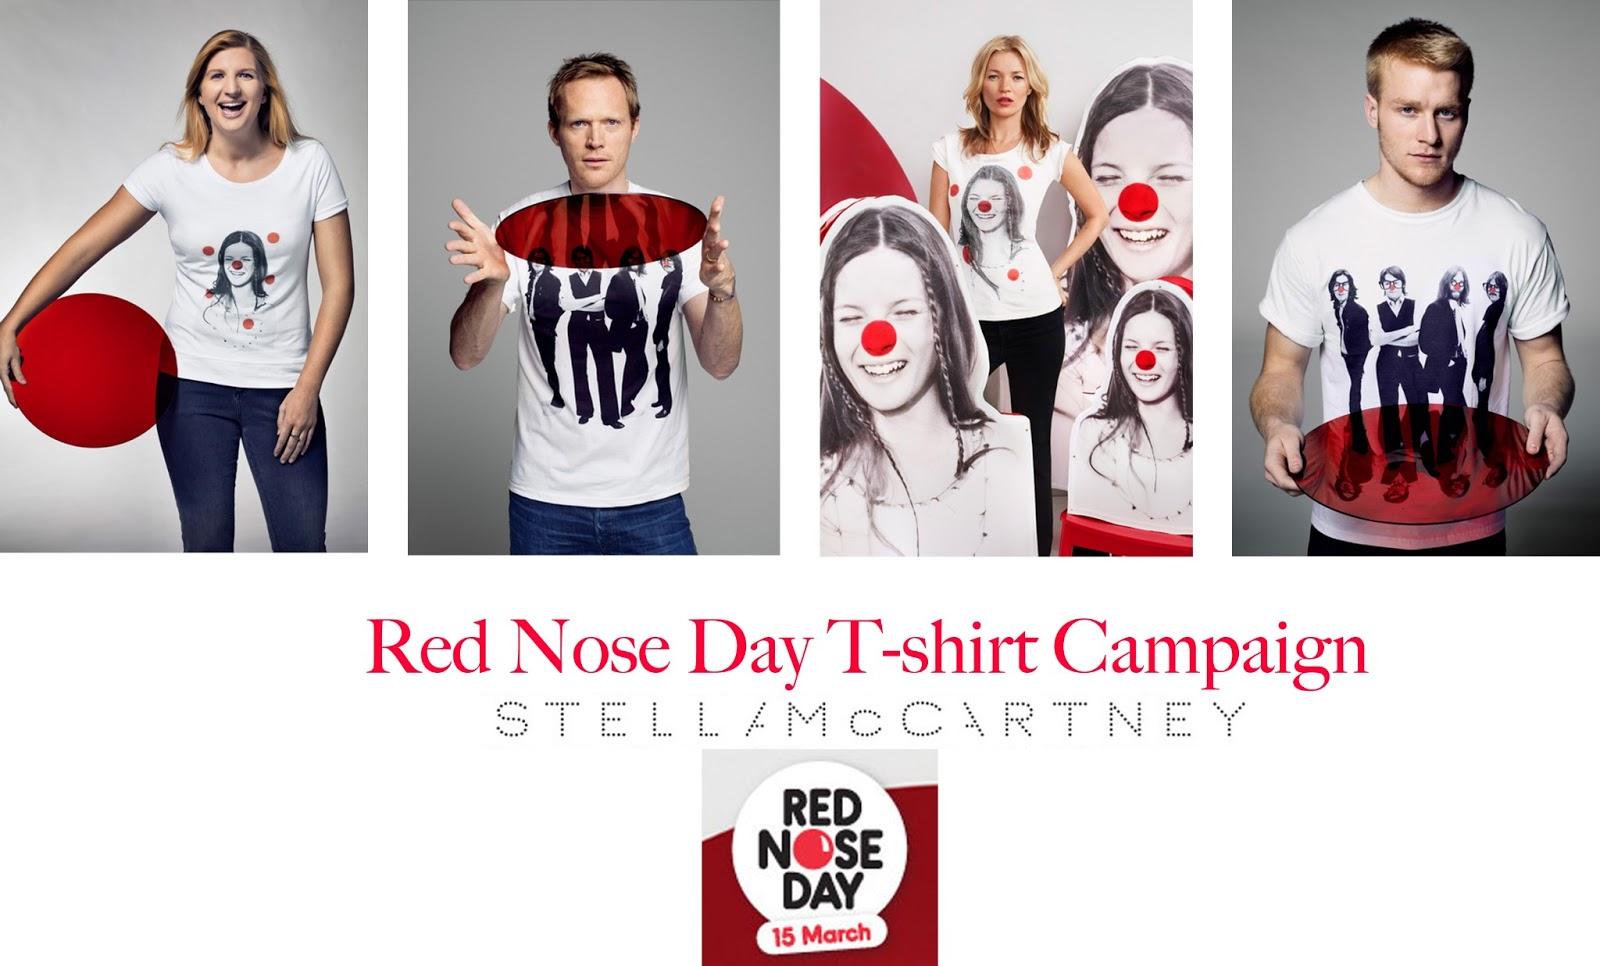 http://3.bp.blogspot.com/-6xlJWVi1kY0/URK2DqptvPI/AAAAAAAAAqE/ReP4cXfEnyo/s1600/Campaign.jpg